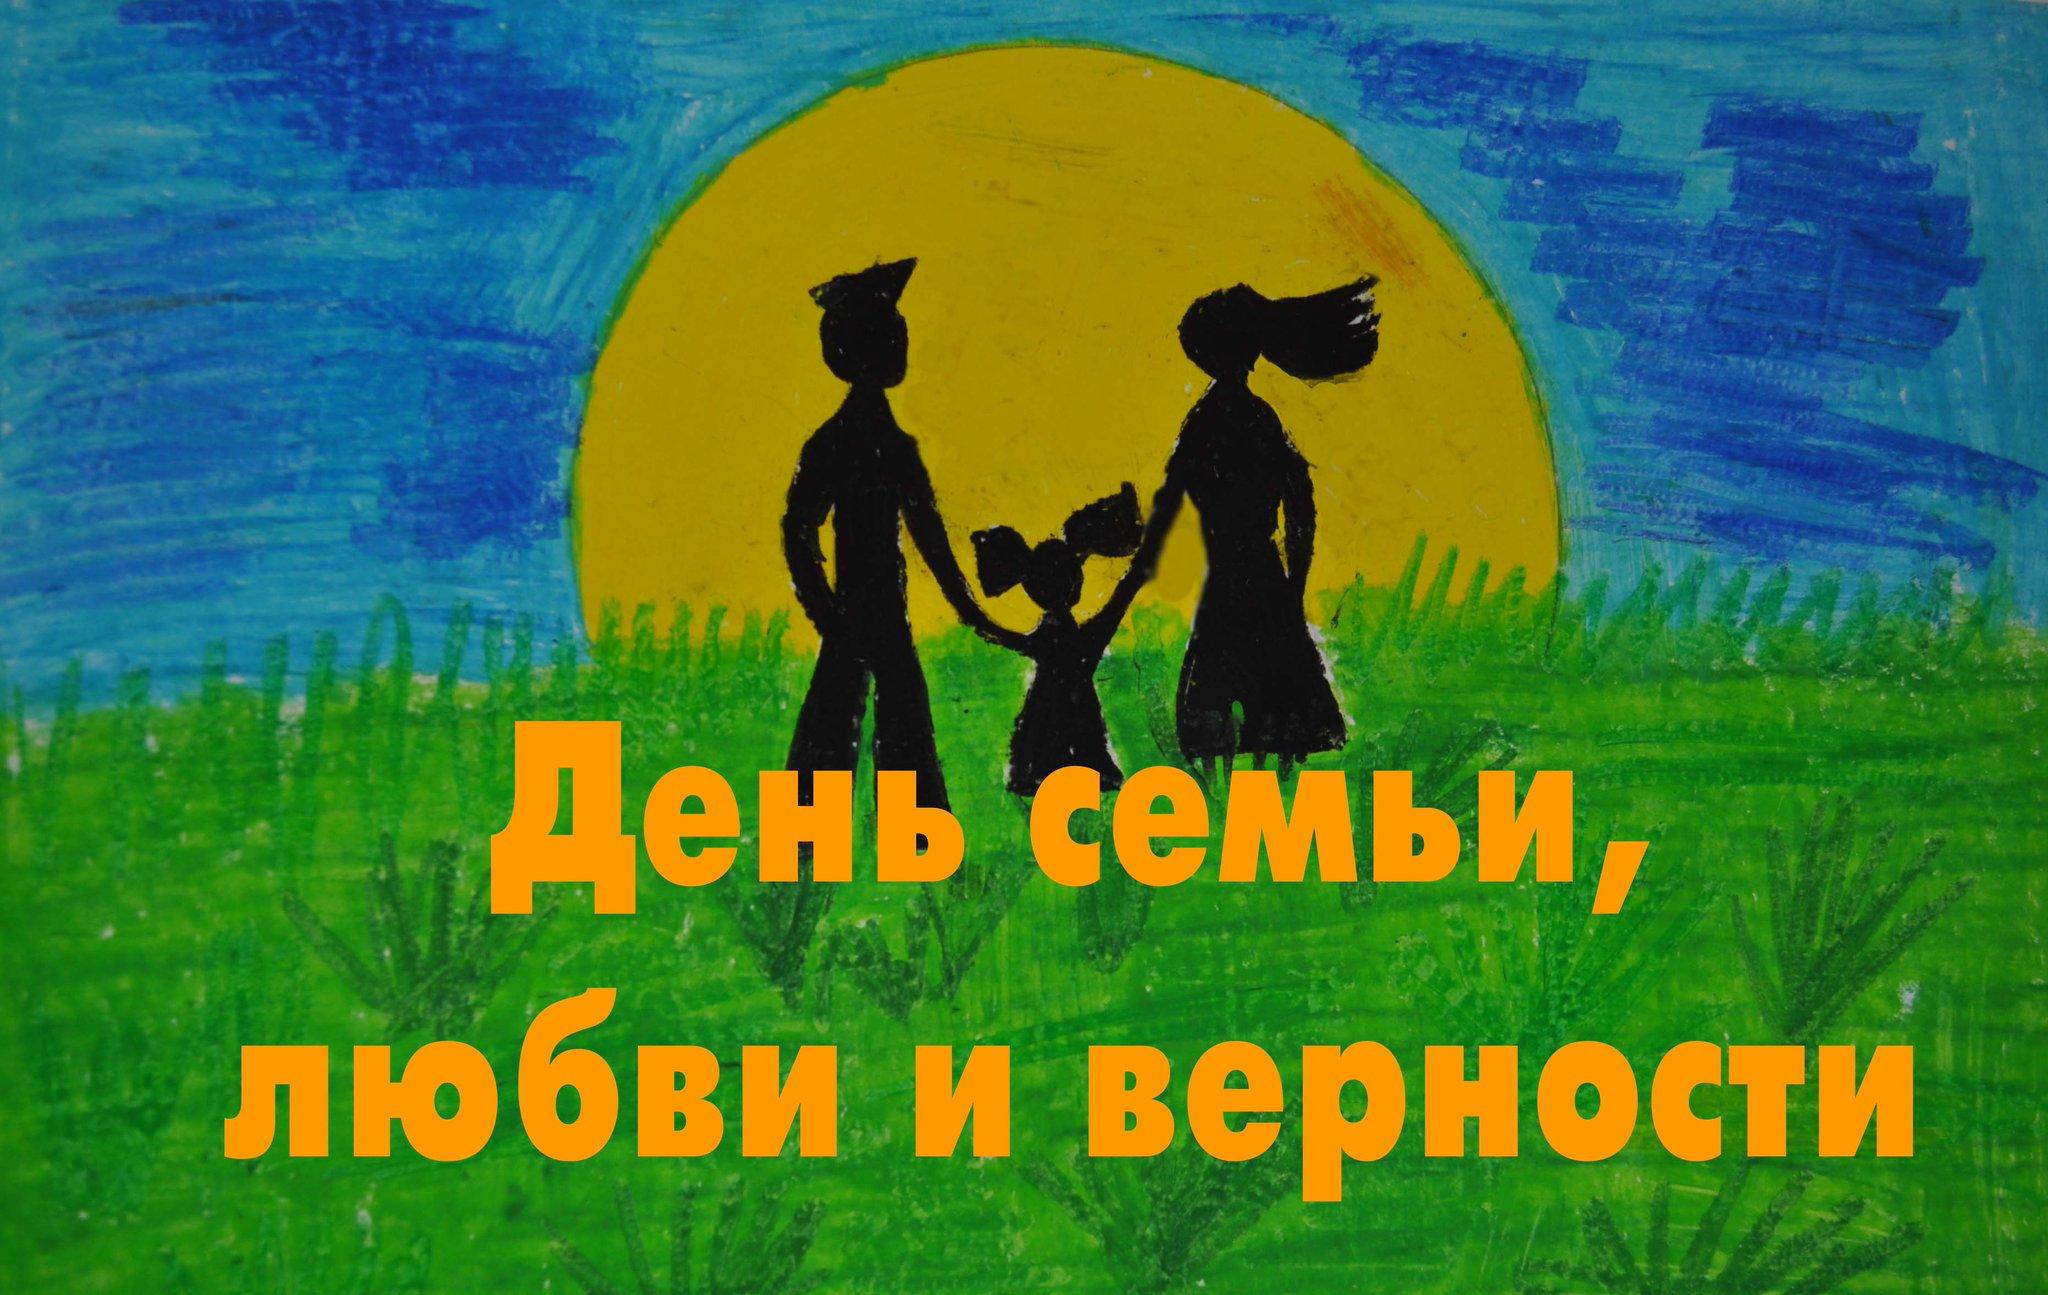 Картинки любовь семья и верность